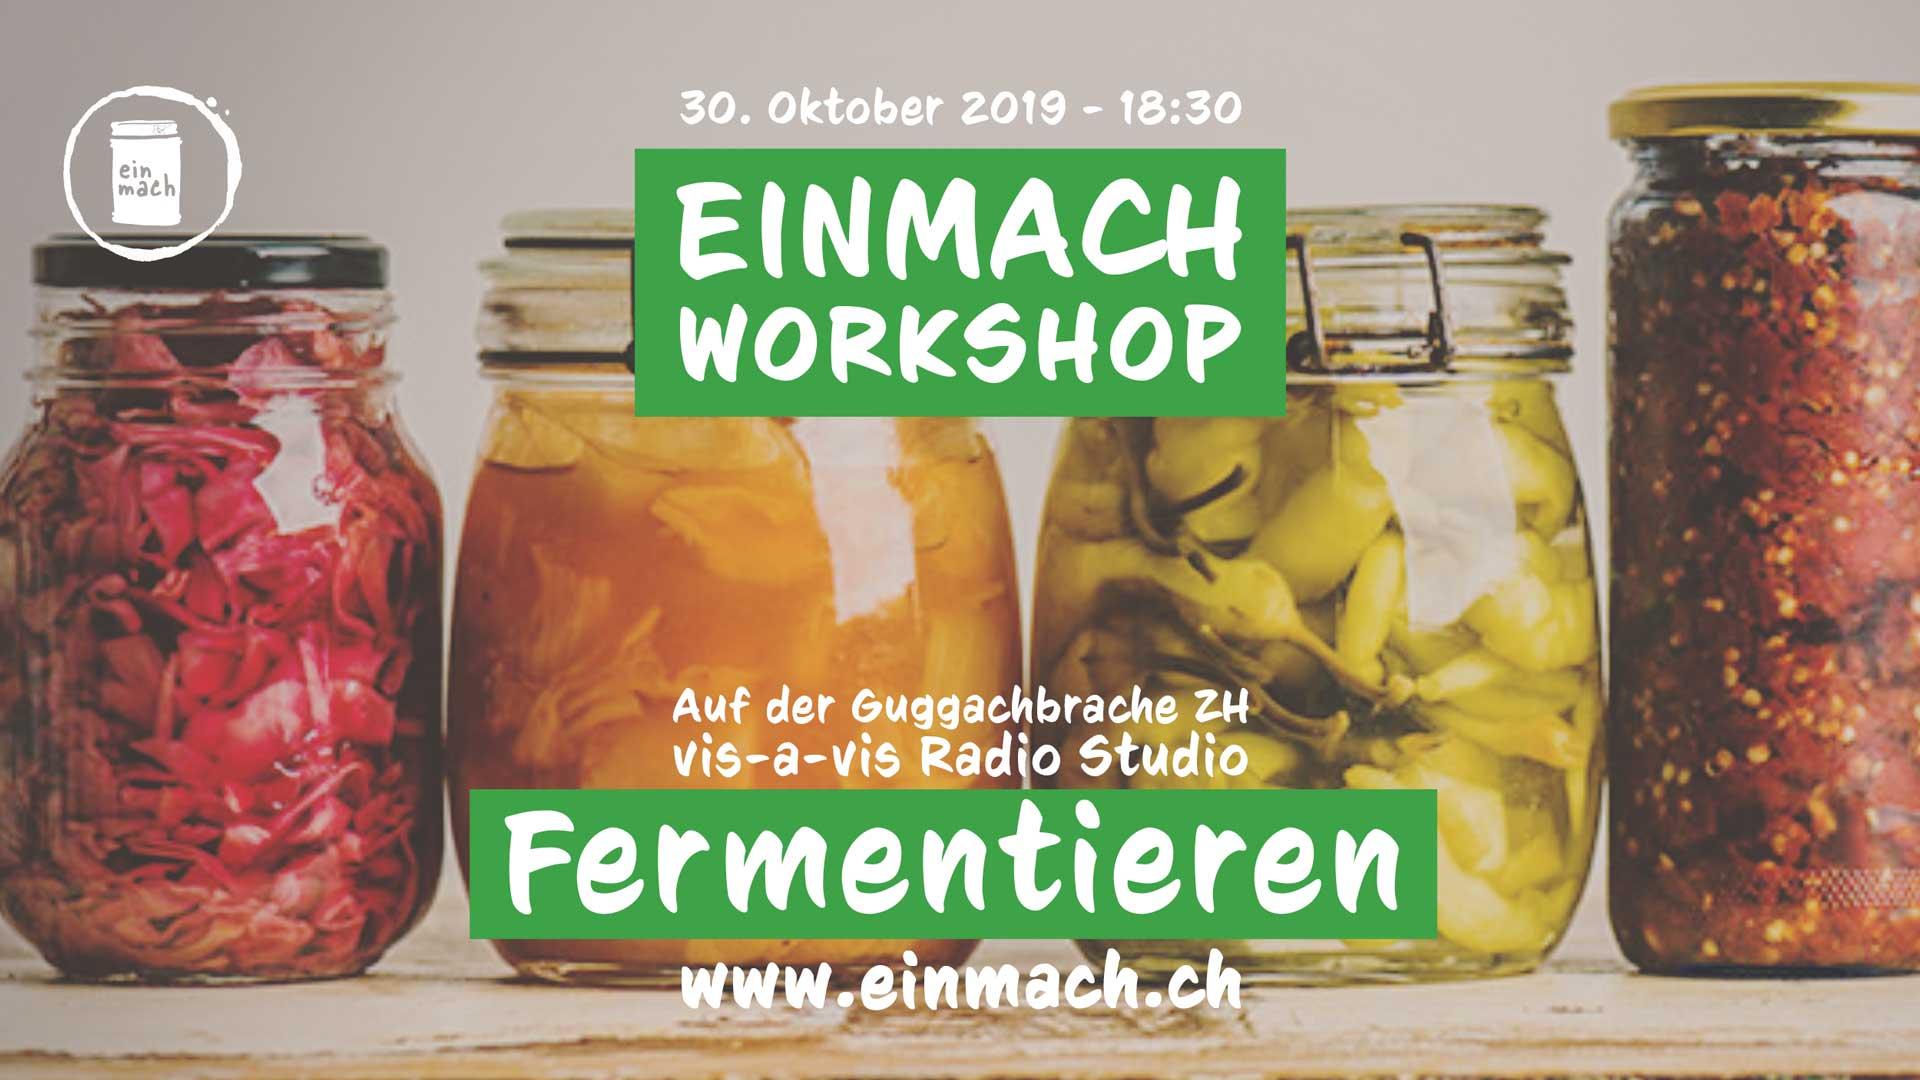 Einmach Workshop – 30. Oktober 2019 – Fermentieren